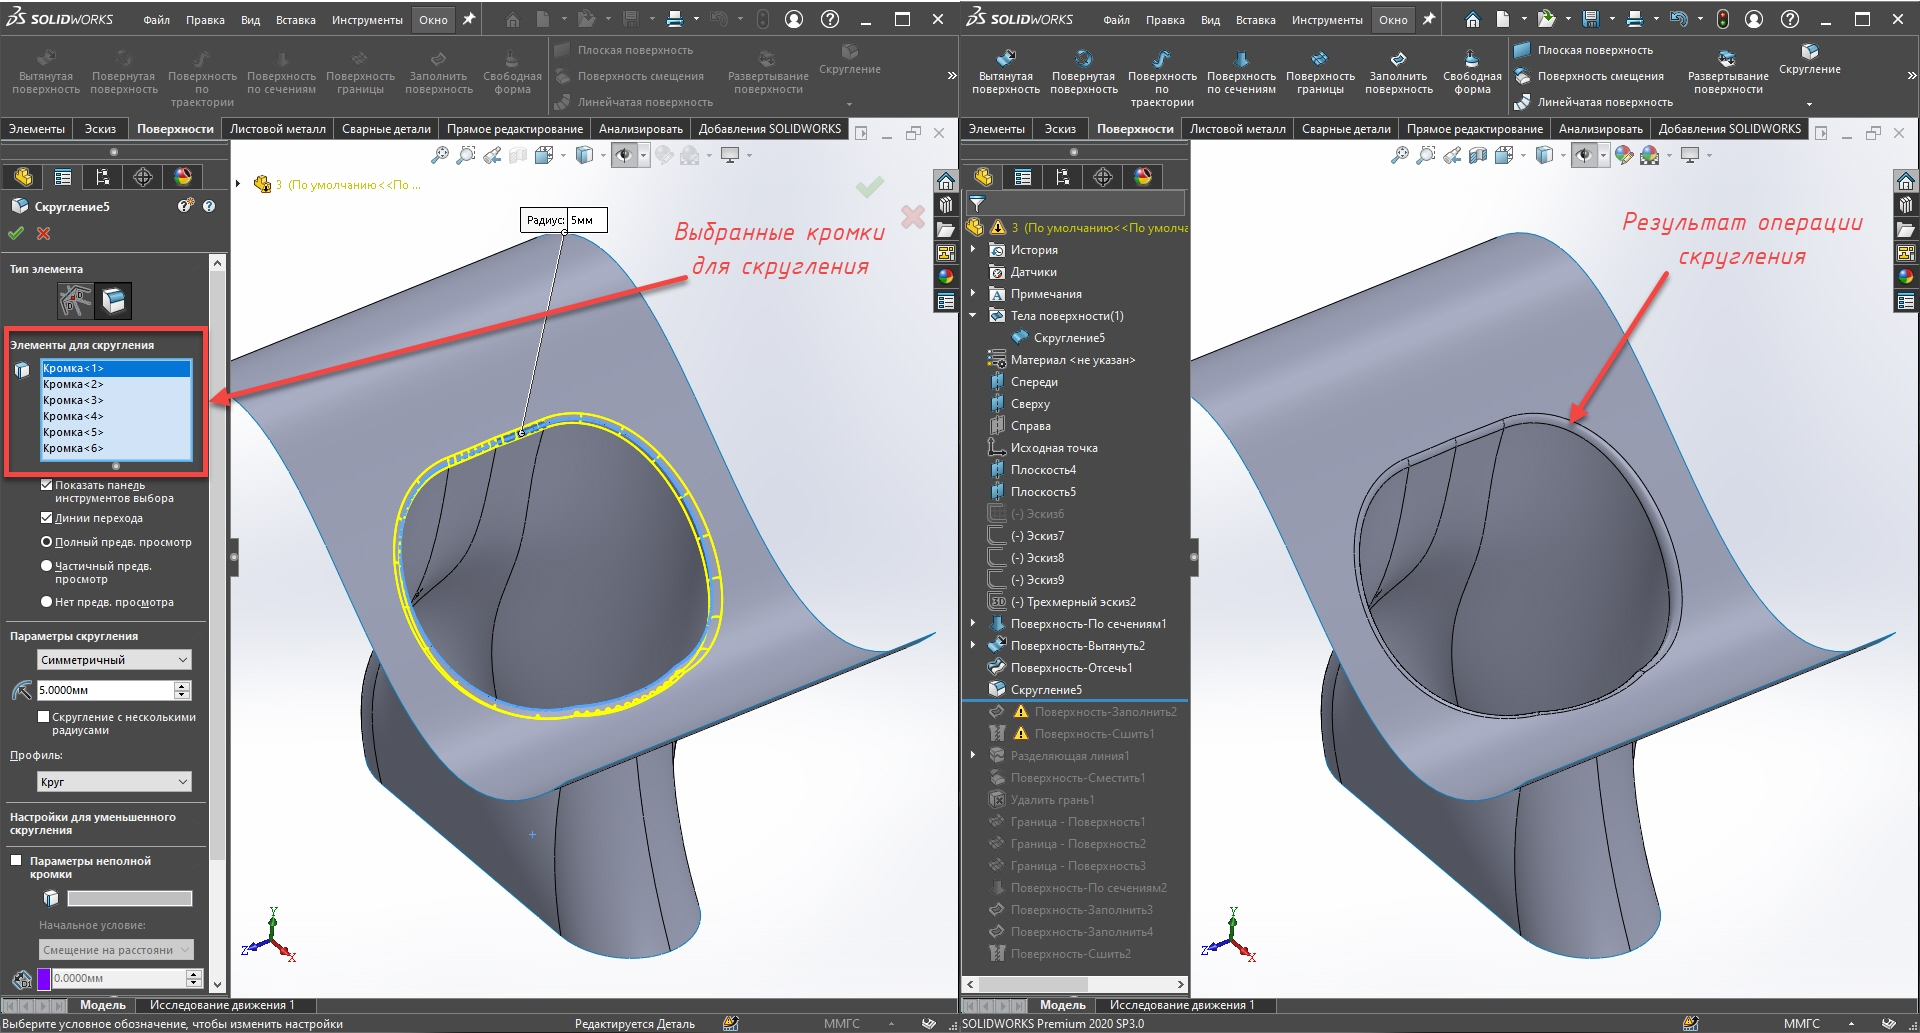 olidworks поверхности, Solidworks инструменты поверхностного проектирования,  SOLIDWORKS скругление, SOLIDWORKS скругление поверхностей, скругление.